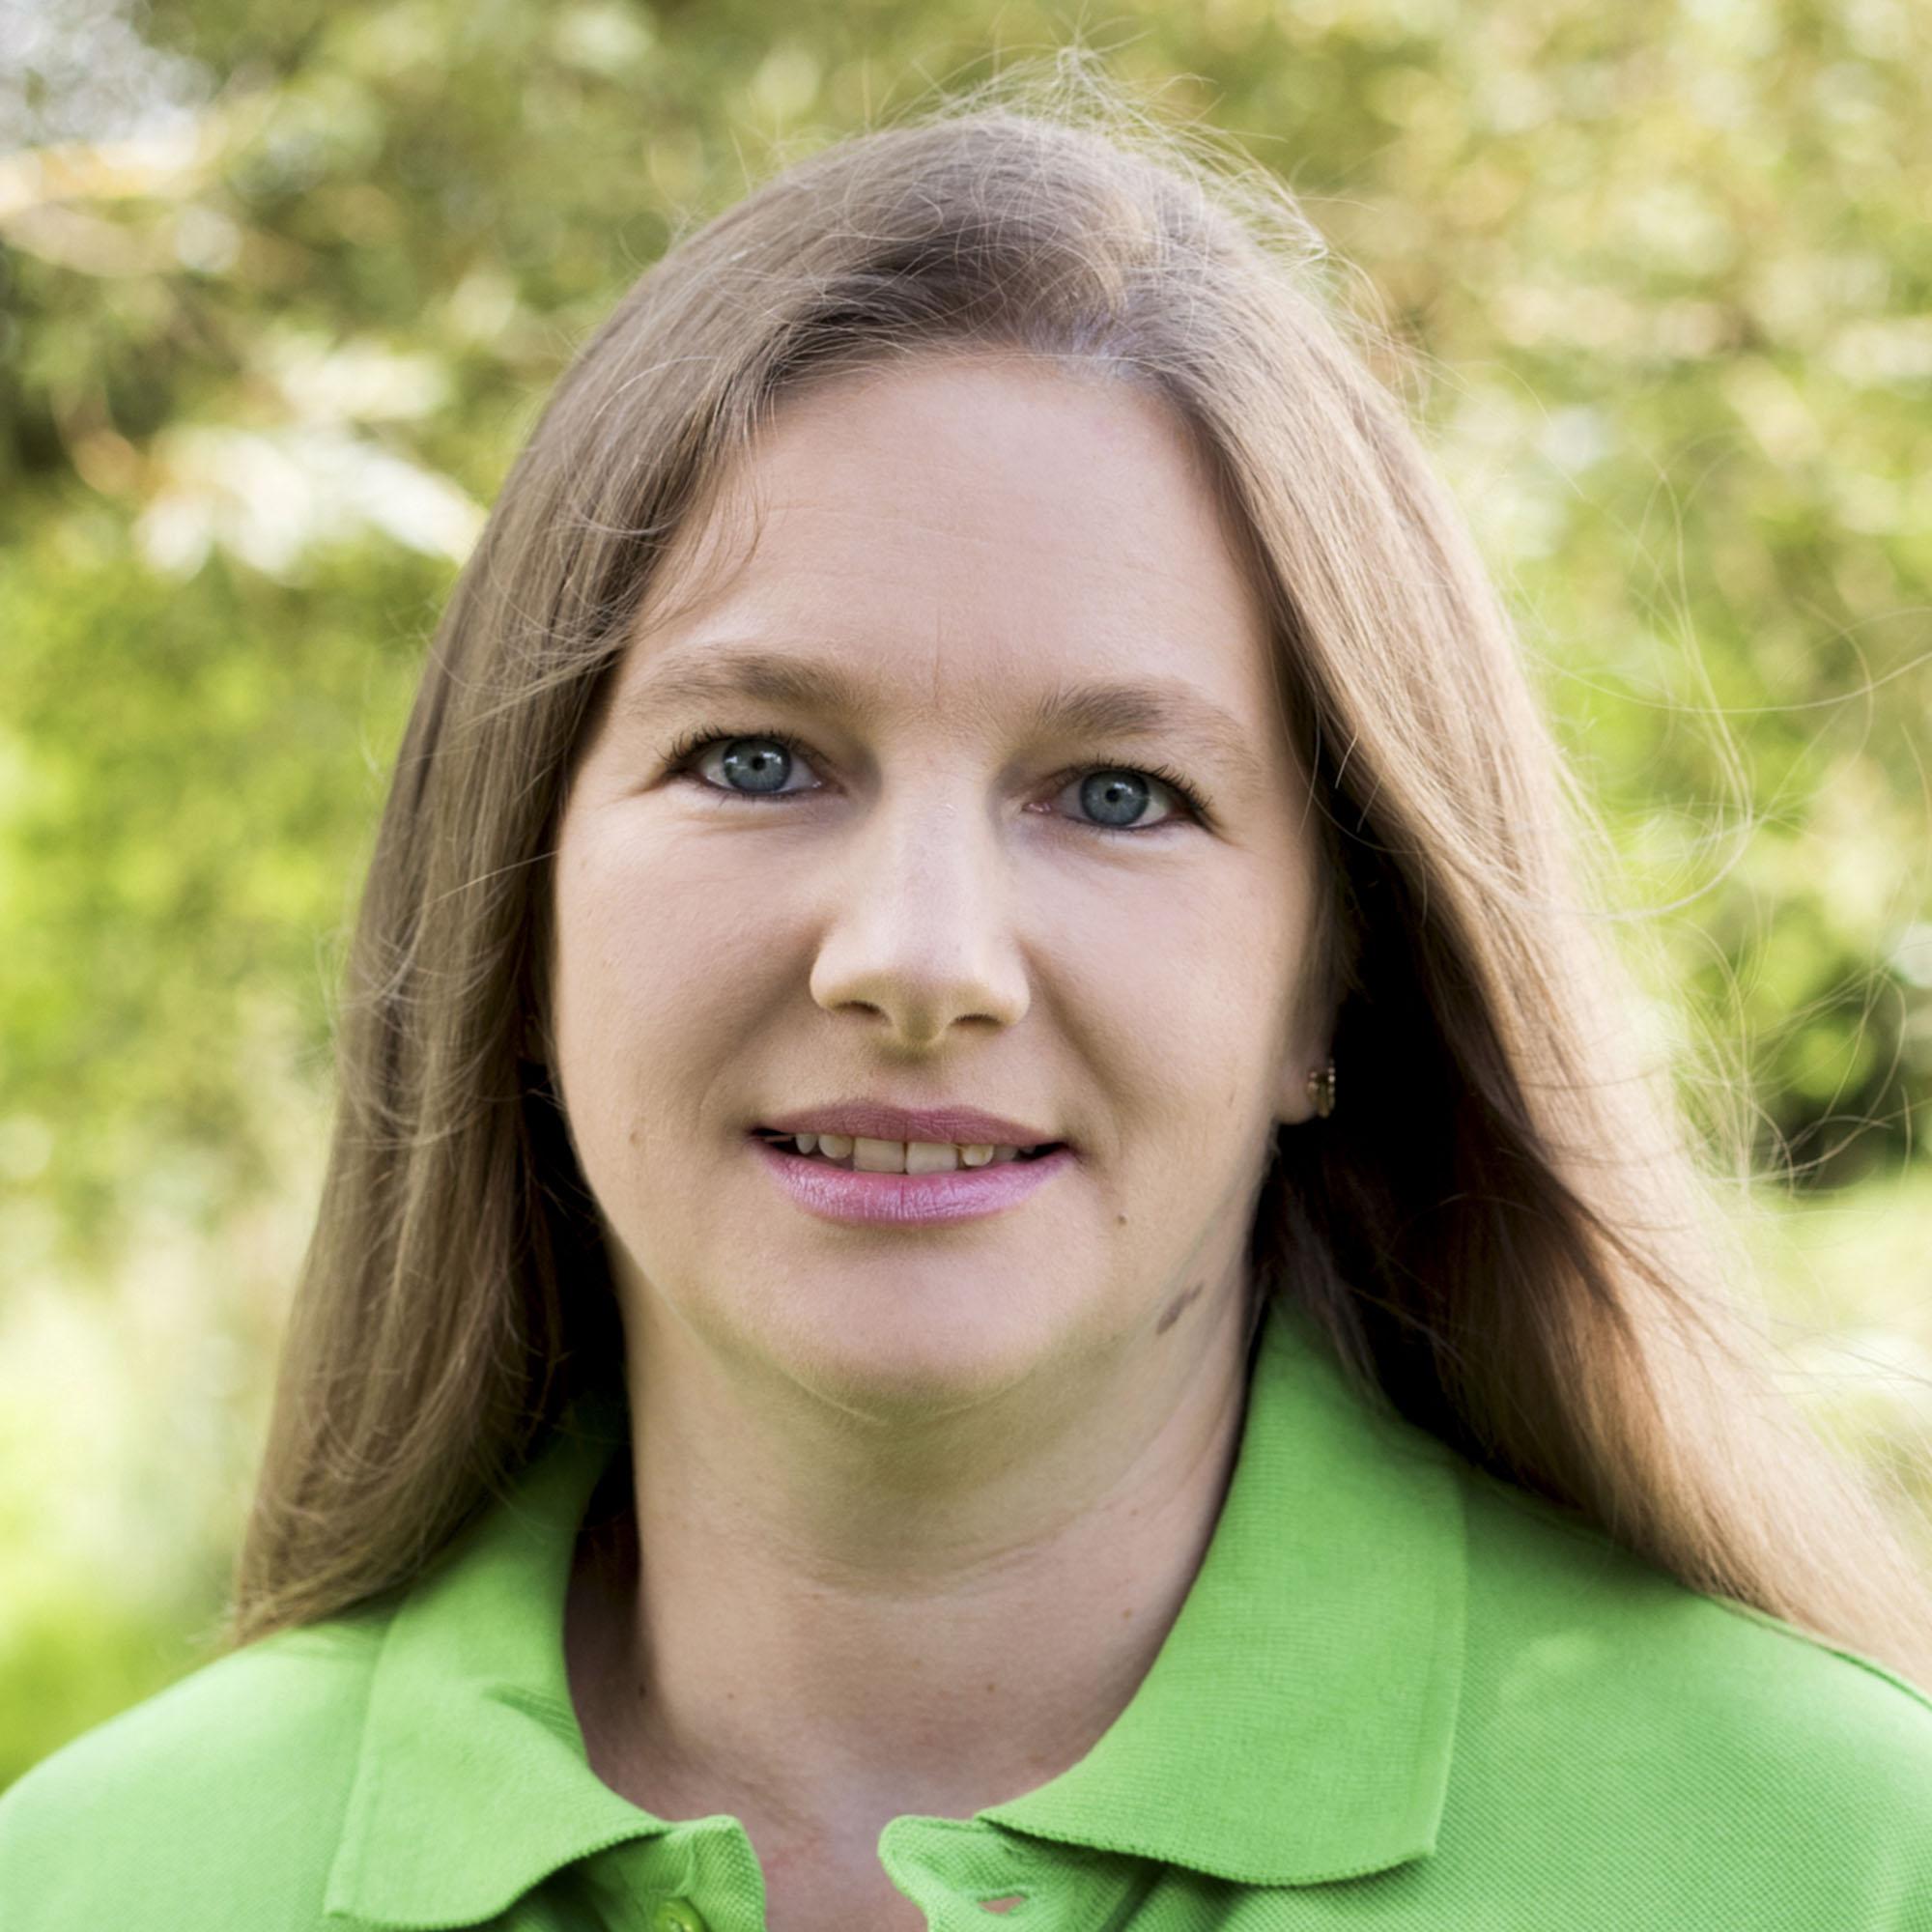 Caroline Frohnauer